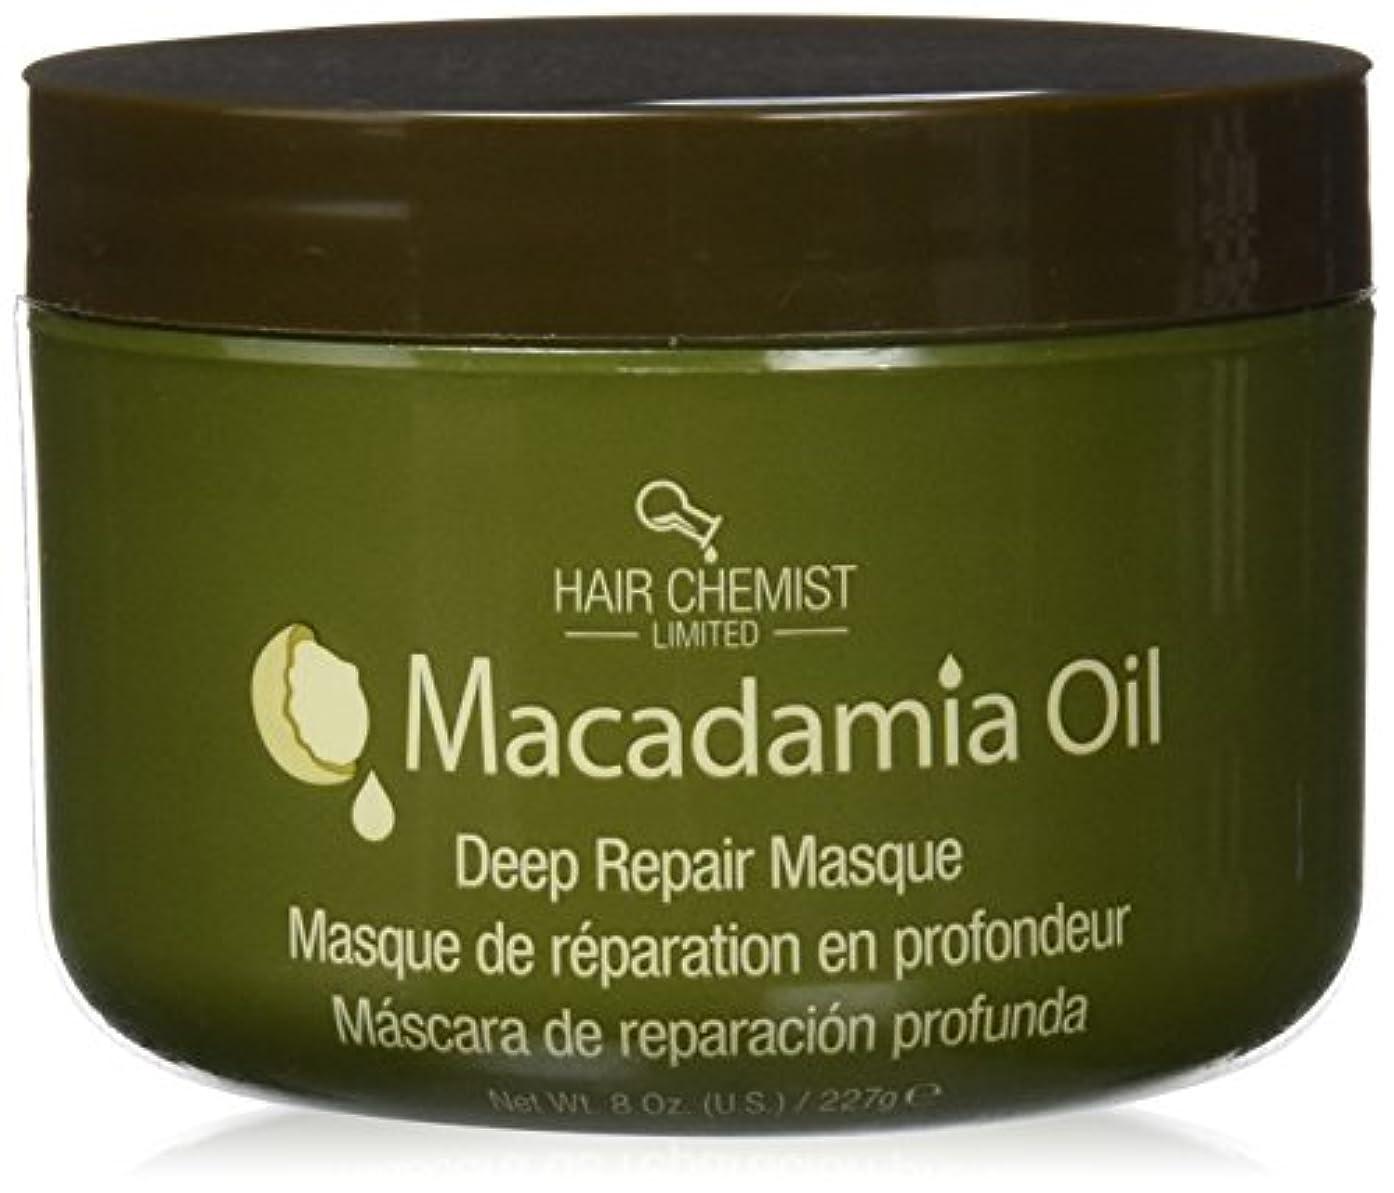 芝生社会主義者ヒントHair Chemist ヘアマスク マカダミア オイル ディープリペアマスク 227g Macadamia Oil Deep Repair Mask 1434 New York